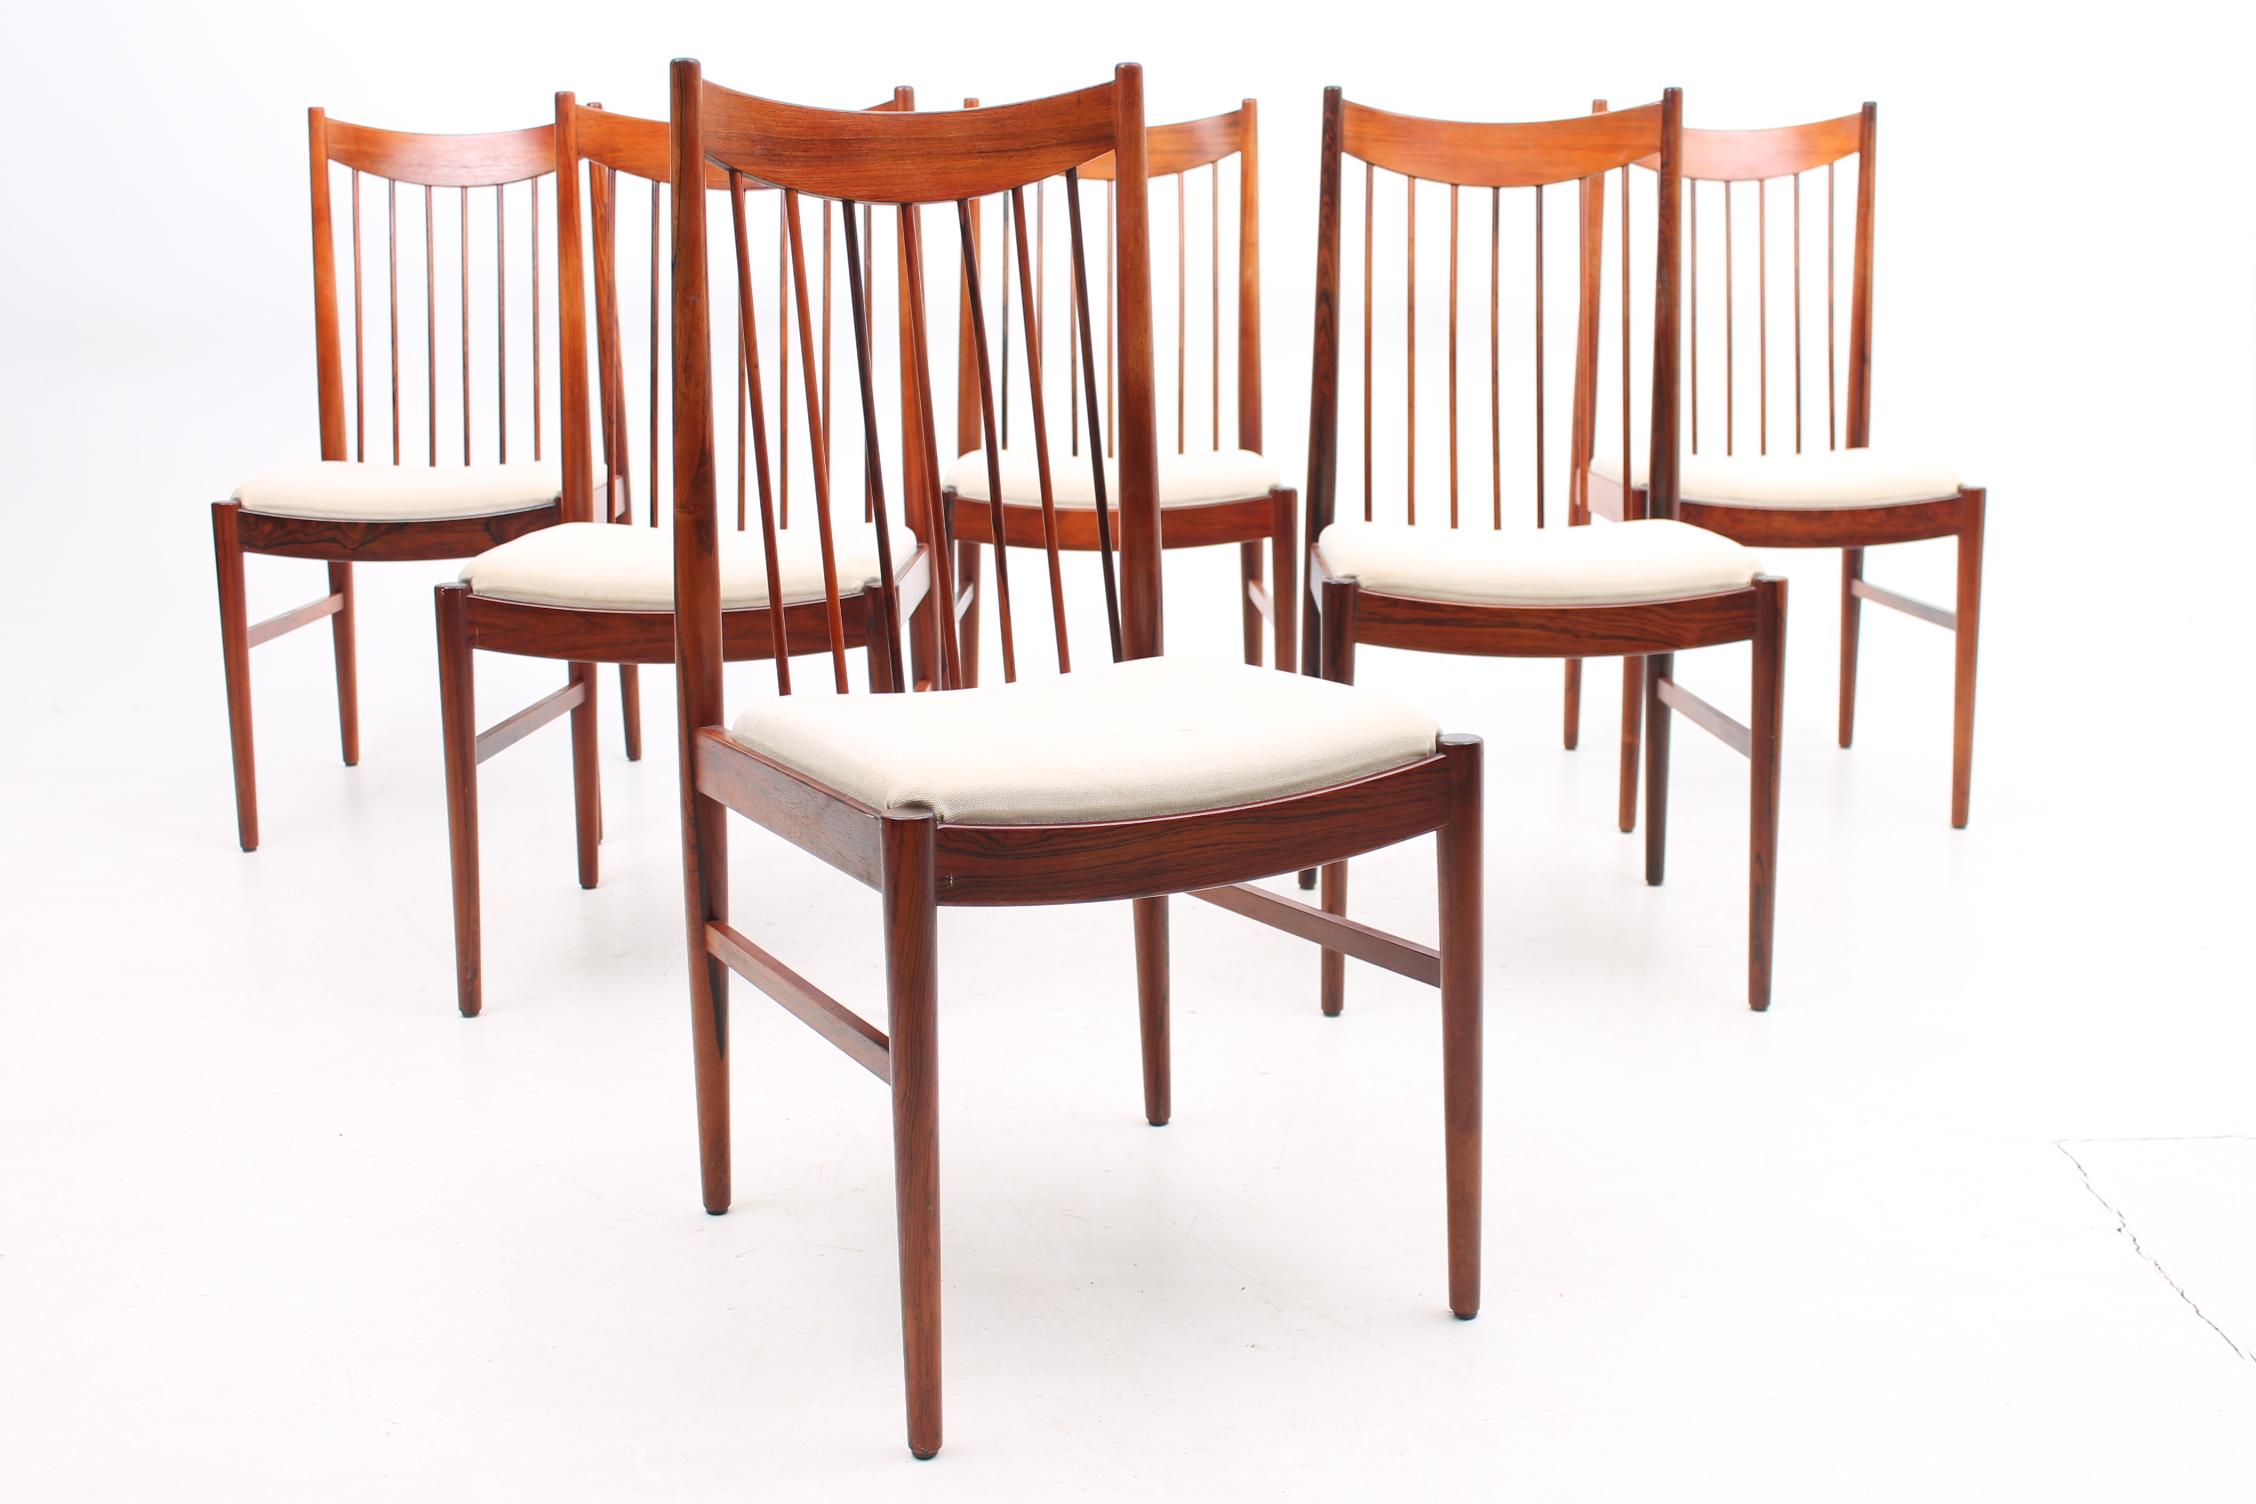 arne-vodderset-6-rosewood-chairs-arne-vodder-denmark